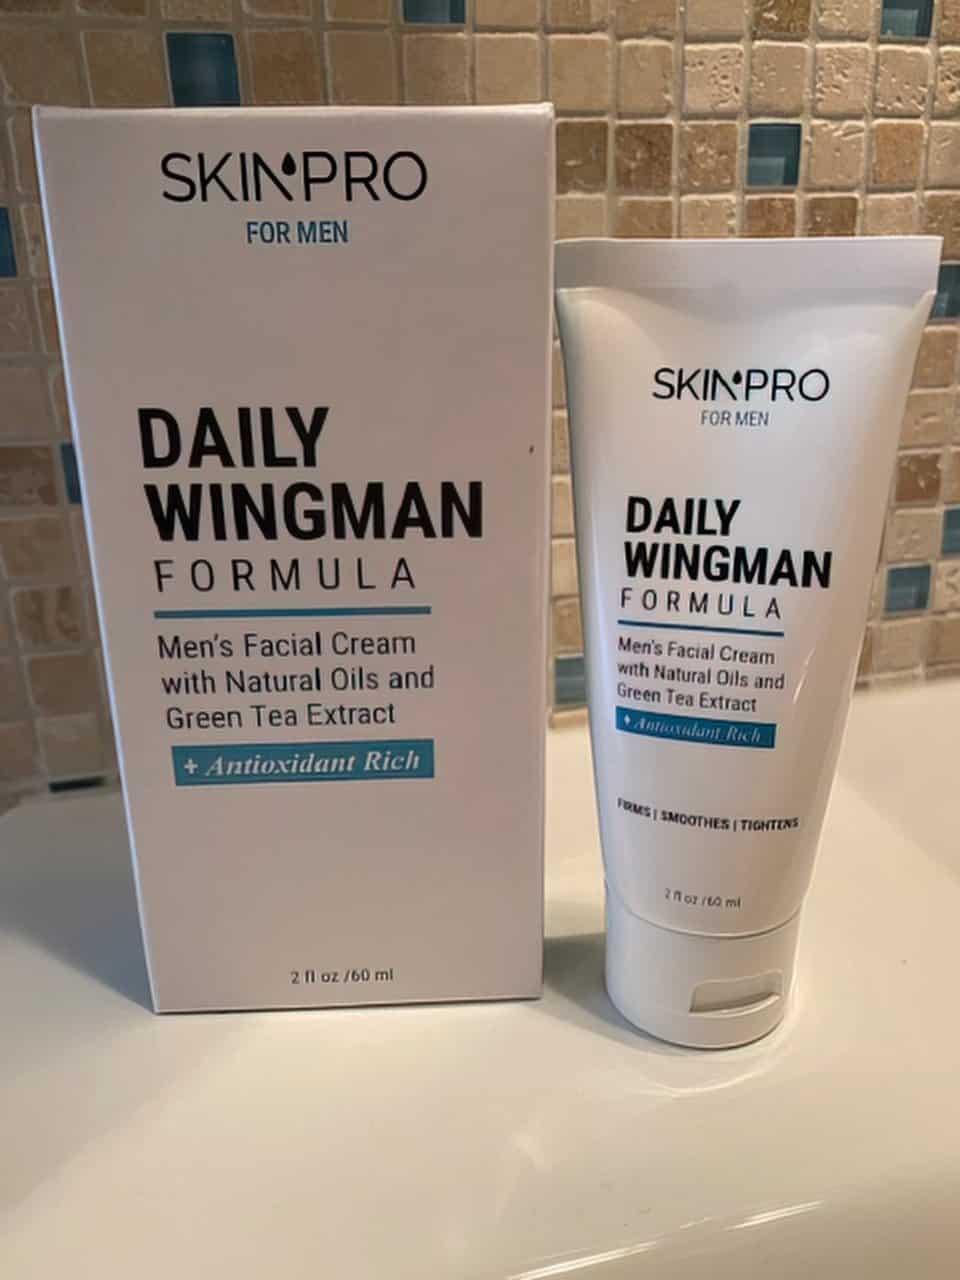 daily wingman face cream for men